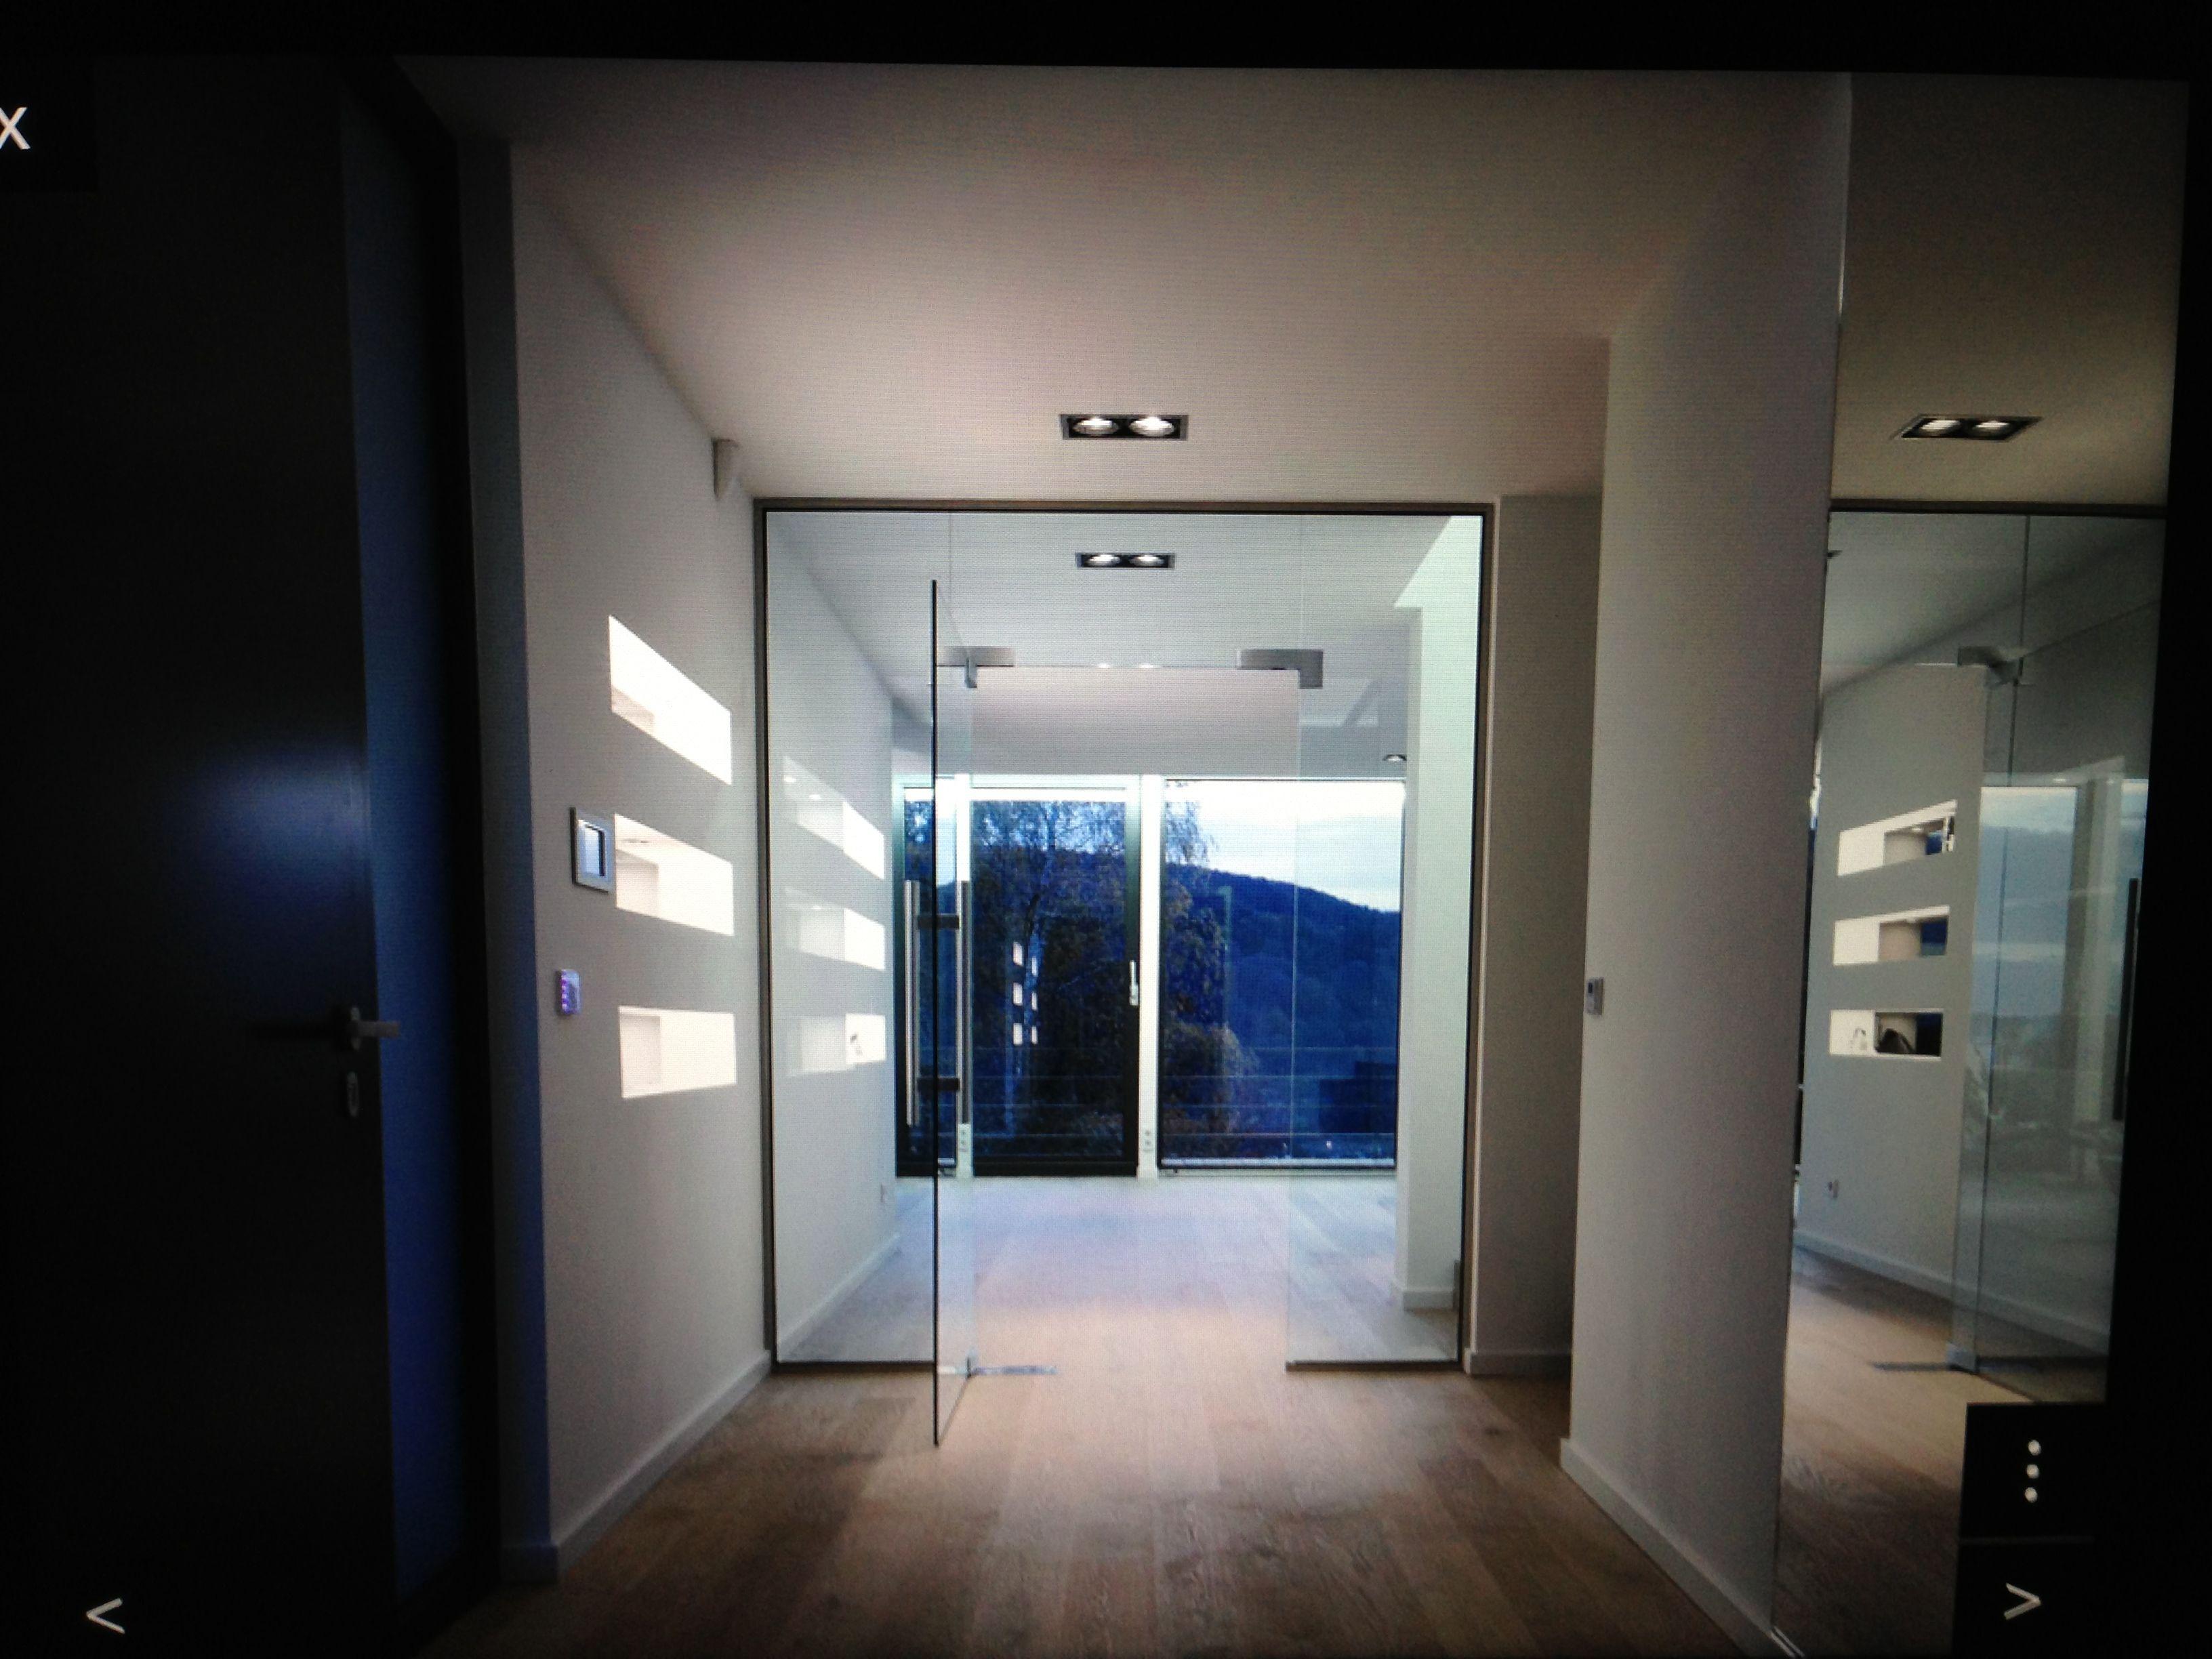 Wohnzimmer Glastür Parkett Leuchten Housedesign Pinterest - Wohnzimmer glastür